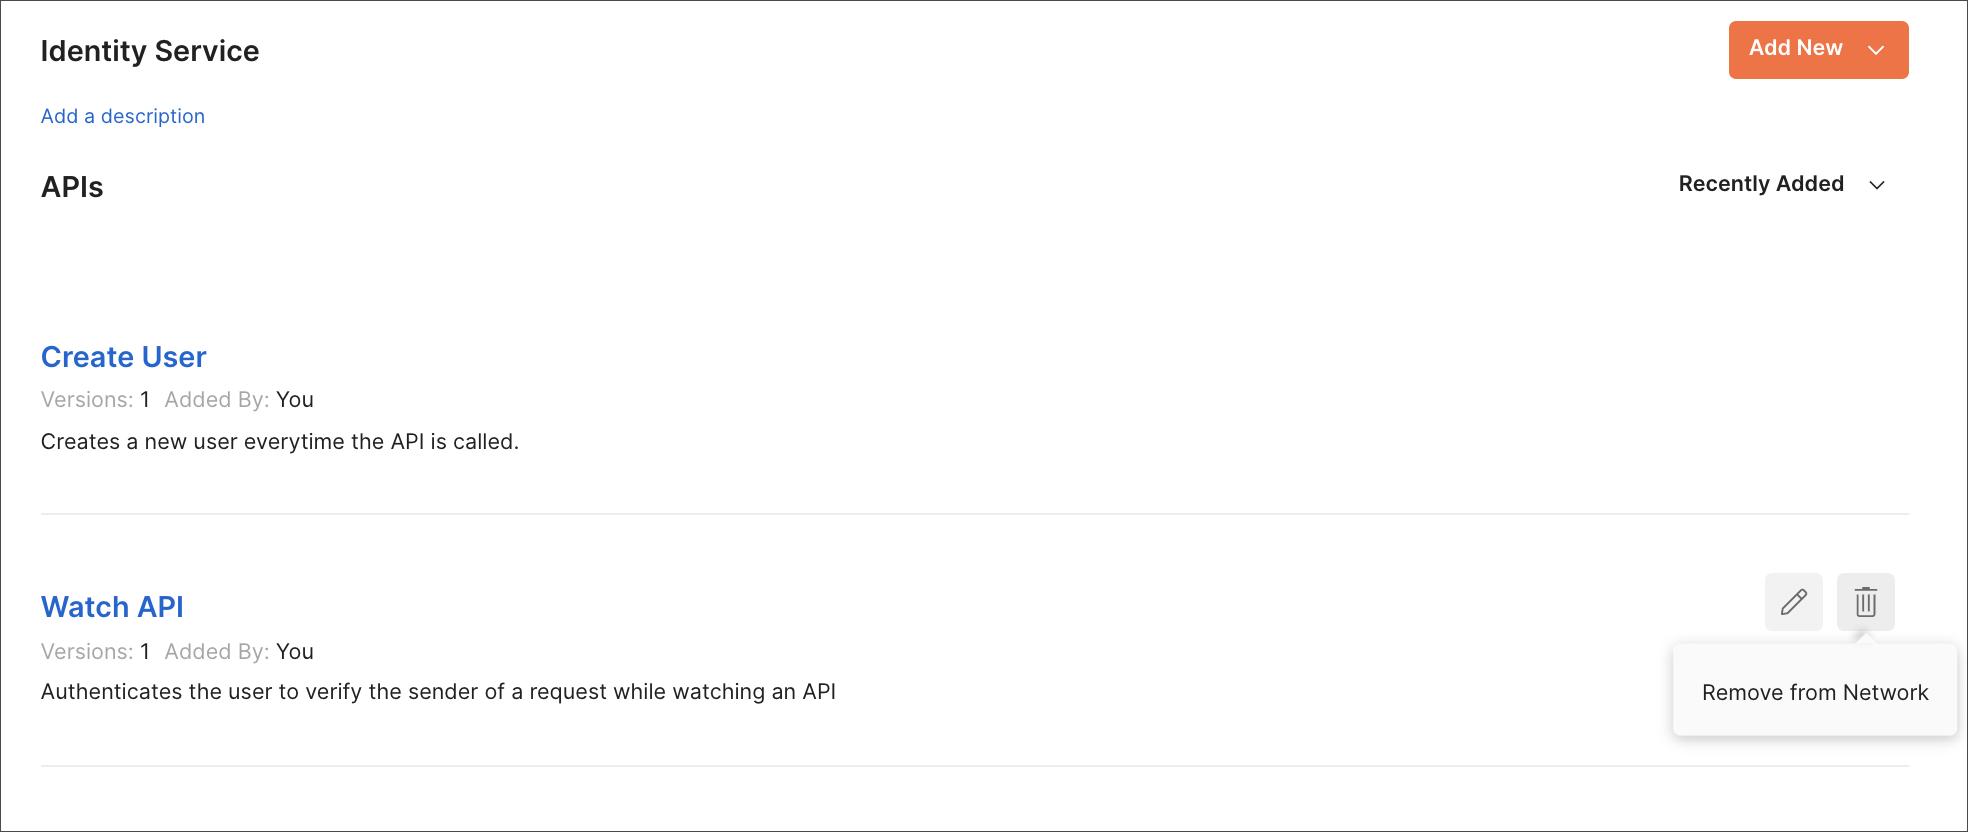 Remove API fom Network